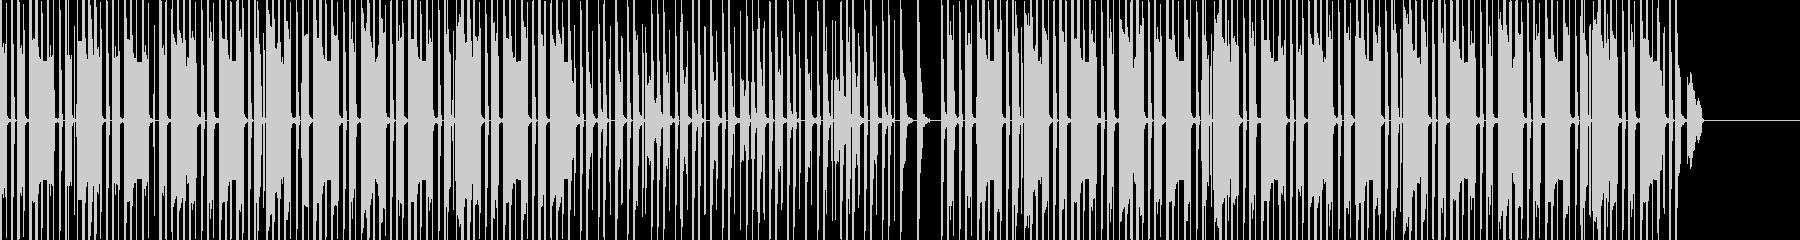 アニメやゲームで汎用性が高い音楽/BGMの未再生の波形